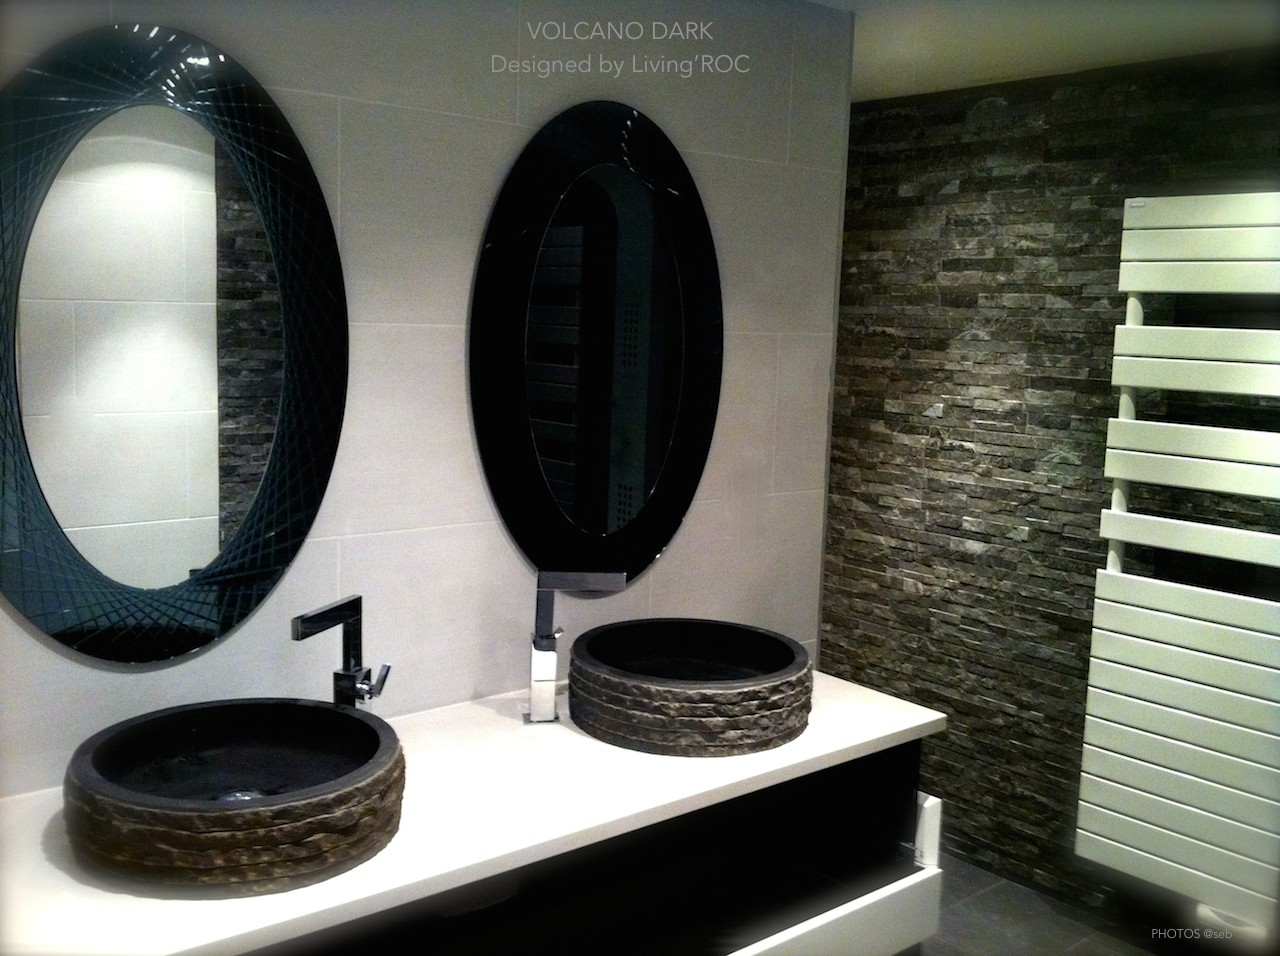 Vasque Pierre Salle de Bain en Basalte noir VOLCANO DARK